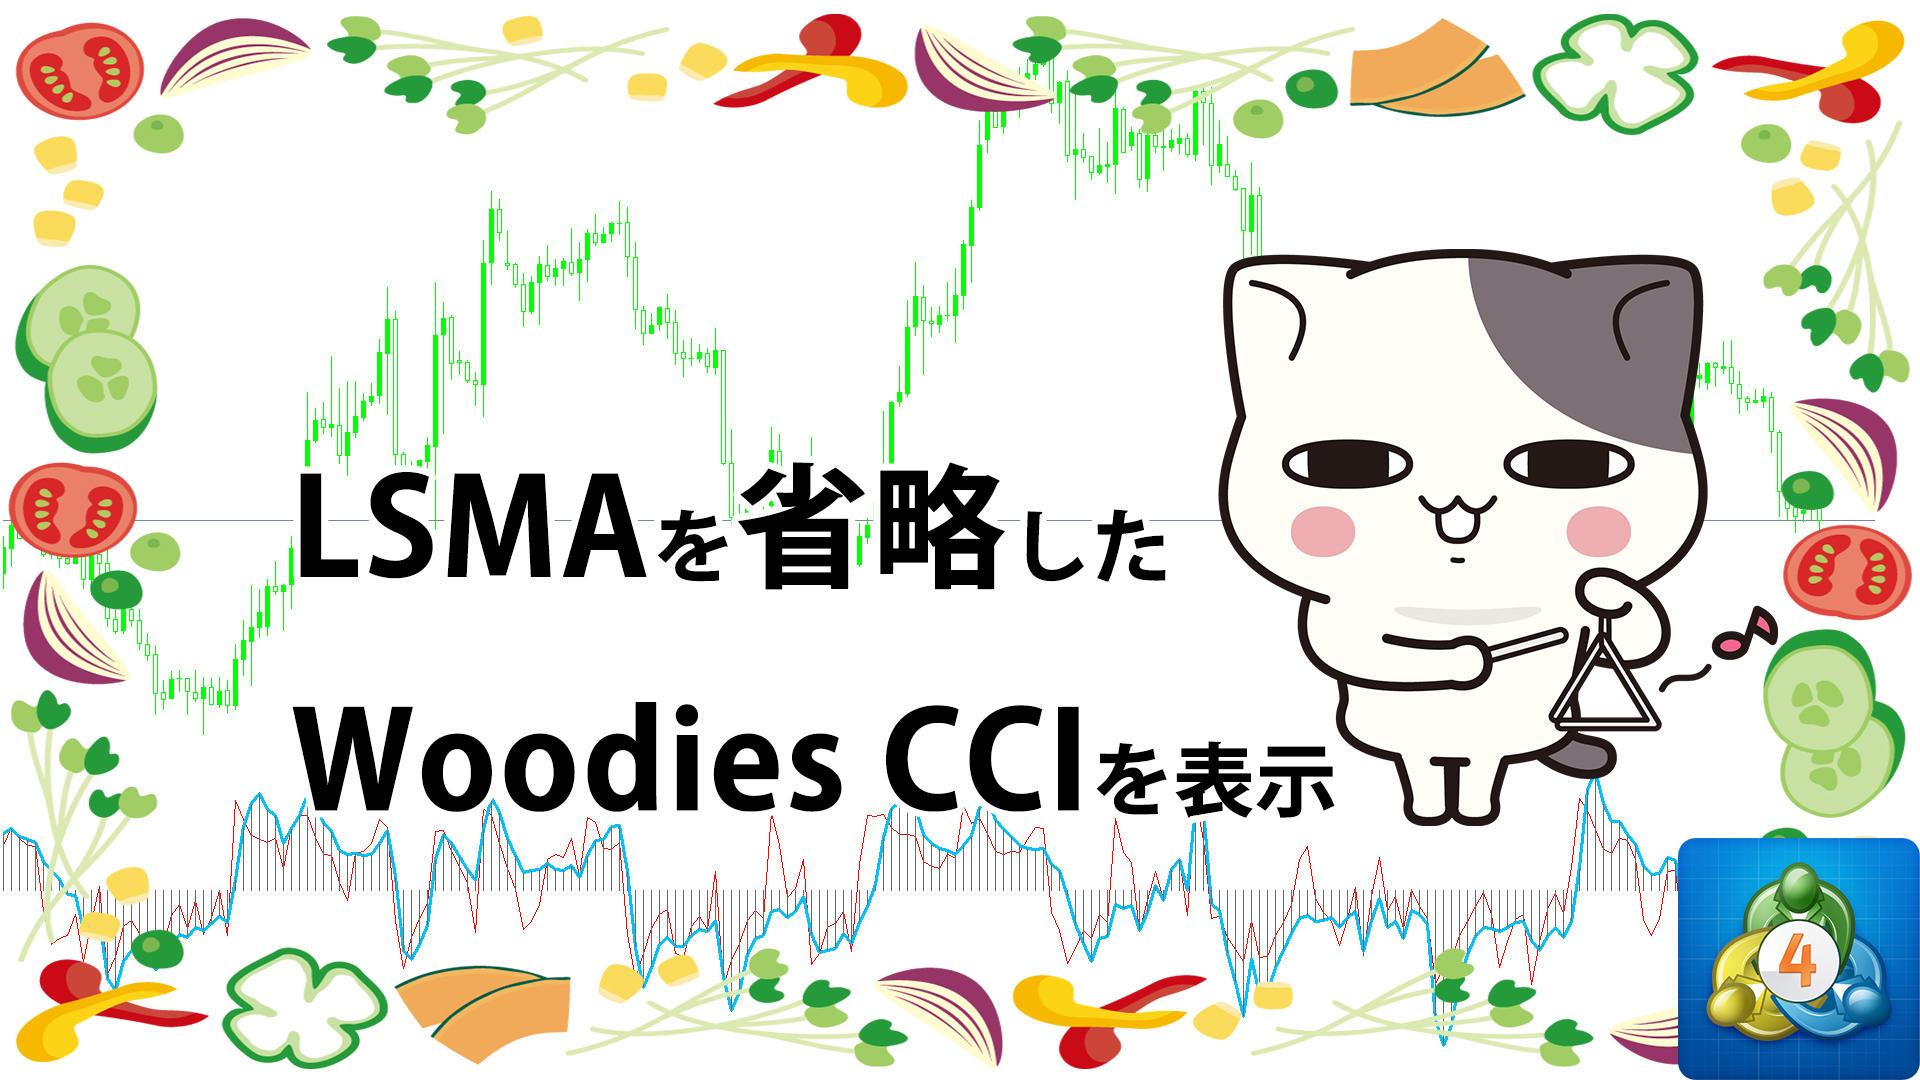 LSMAを省略したWoodiesCCIを表示するMT4インジケーター「WoodiesCCI」